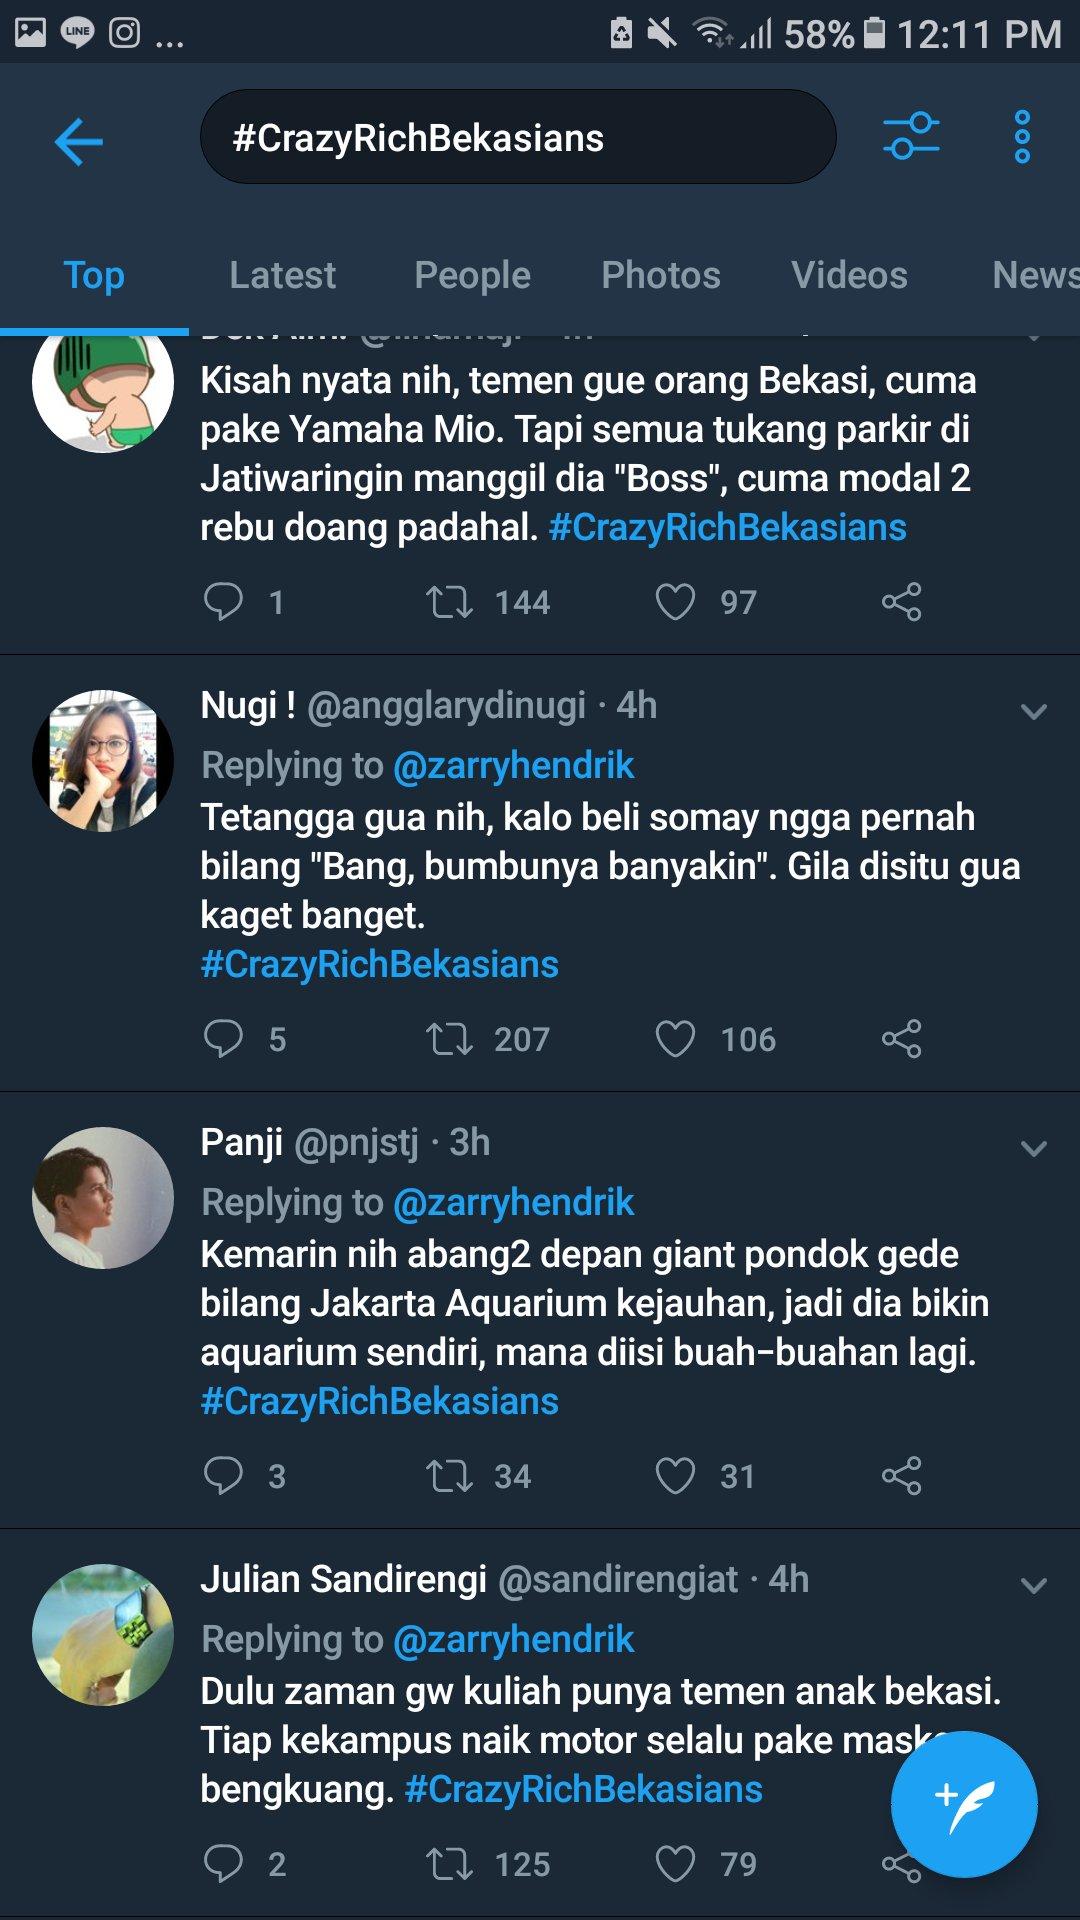 Crazy Rich Surabayan Vs Bekasians Fakta